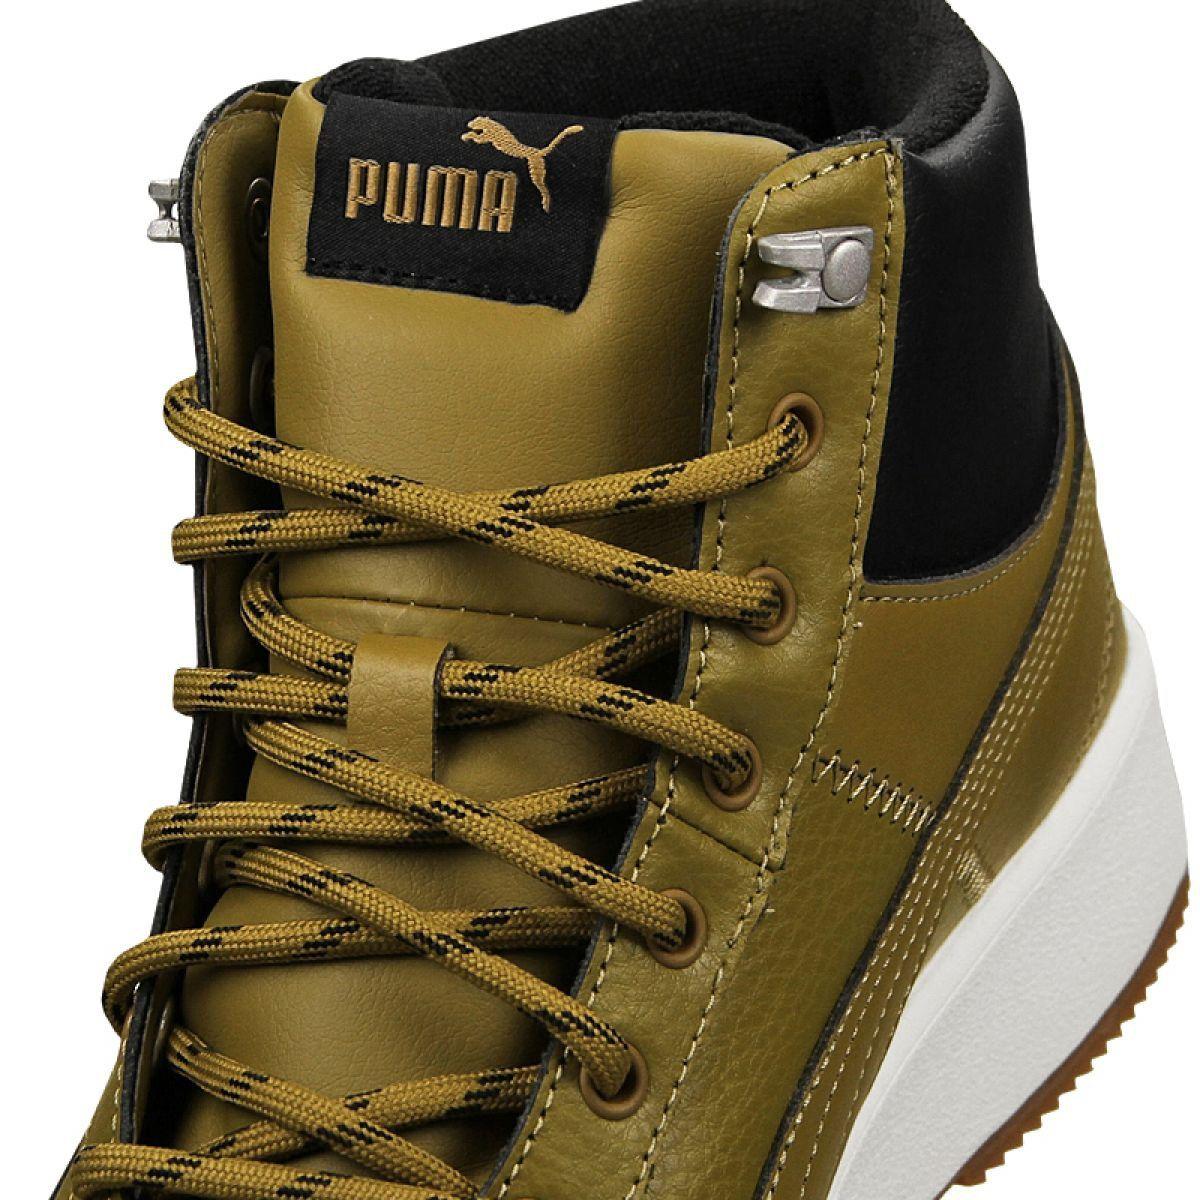 Buty Puma Tarrenz Sb Puretex M 370552 02 Zielone Sport Shoes Men Shoes Pumas Shoes